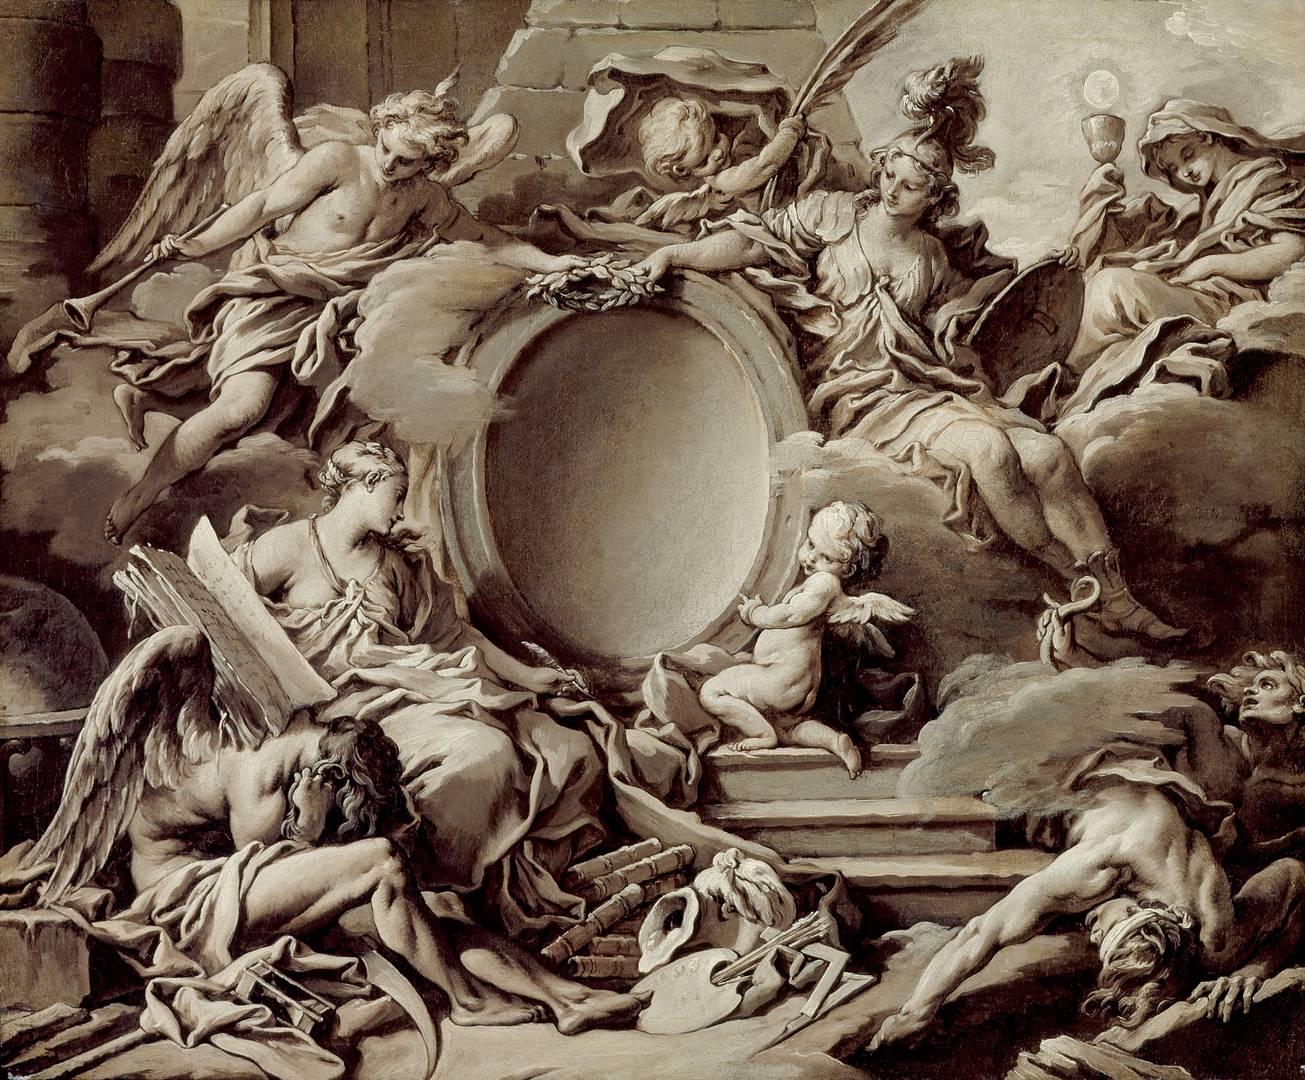 Франсуа Буше. Аллегория мудрости, молвы, истории и веры побеждающих невежество и время. Около 1727